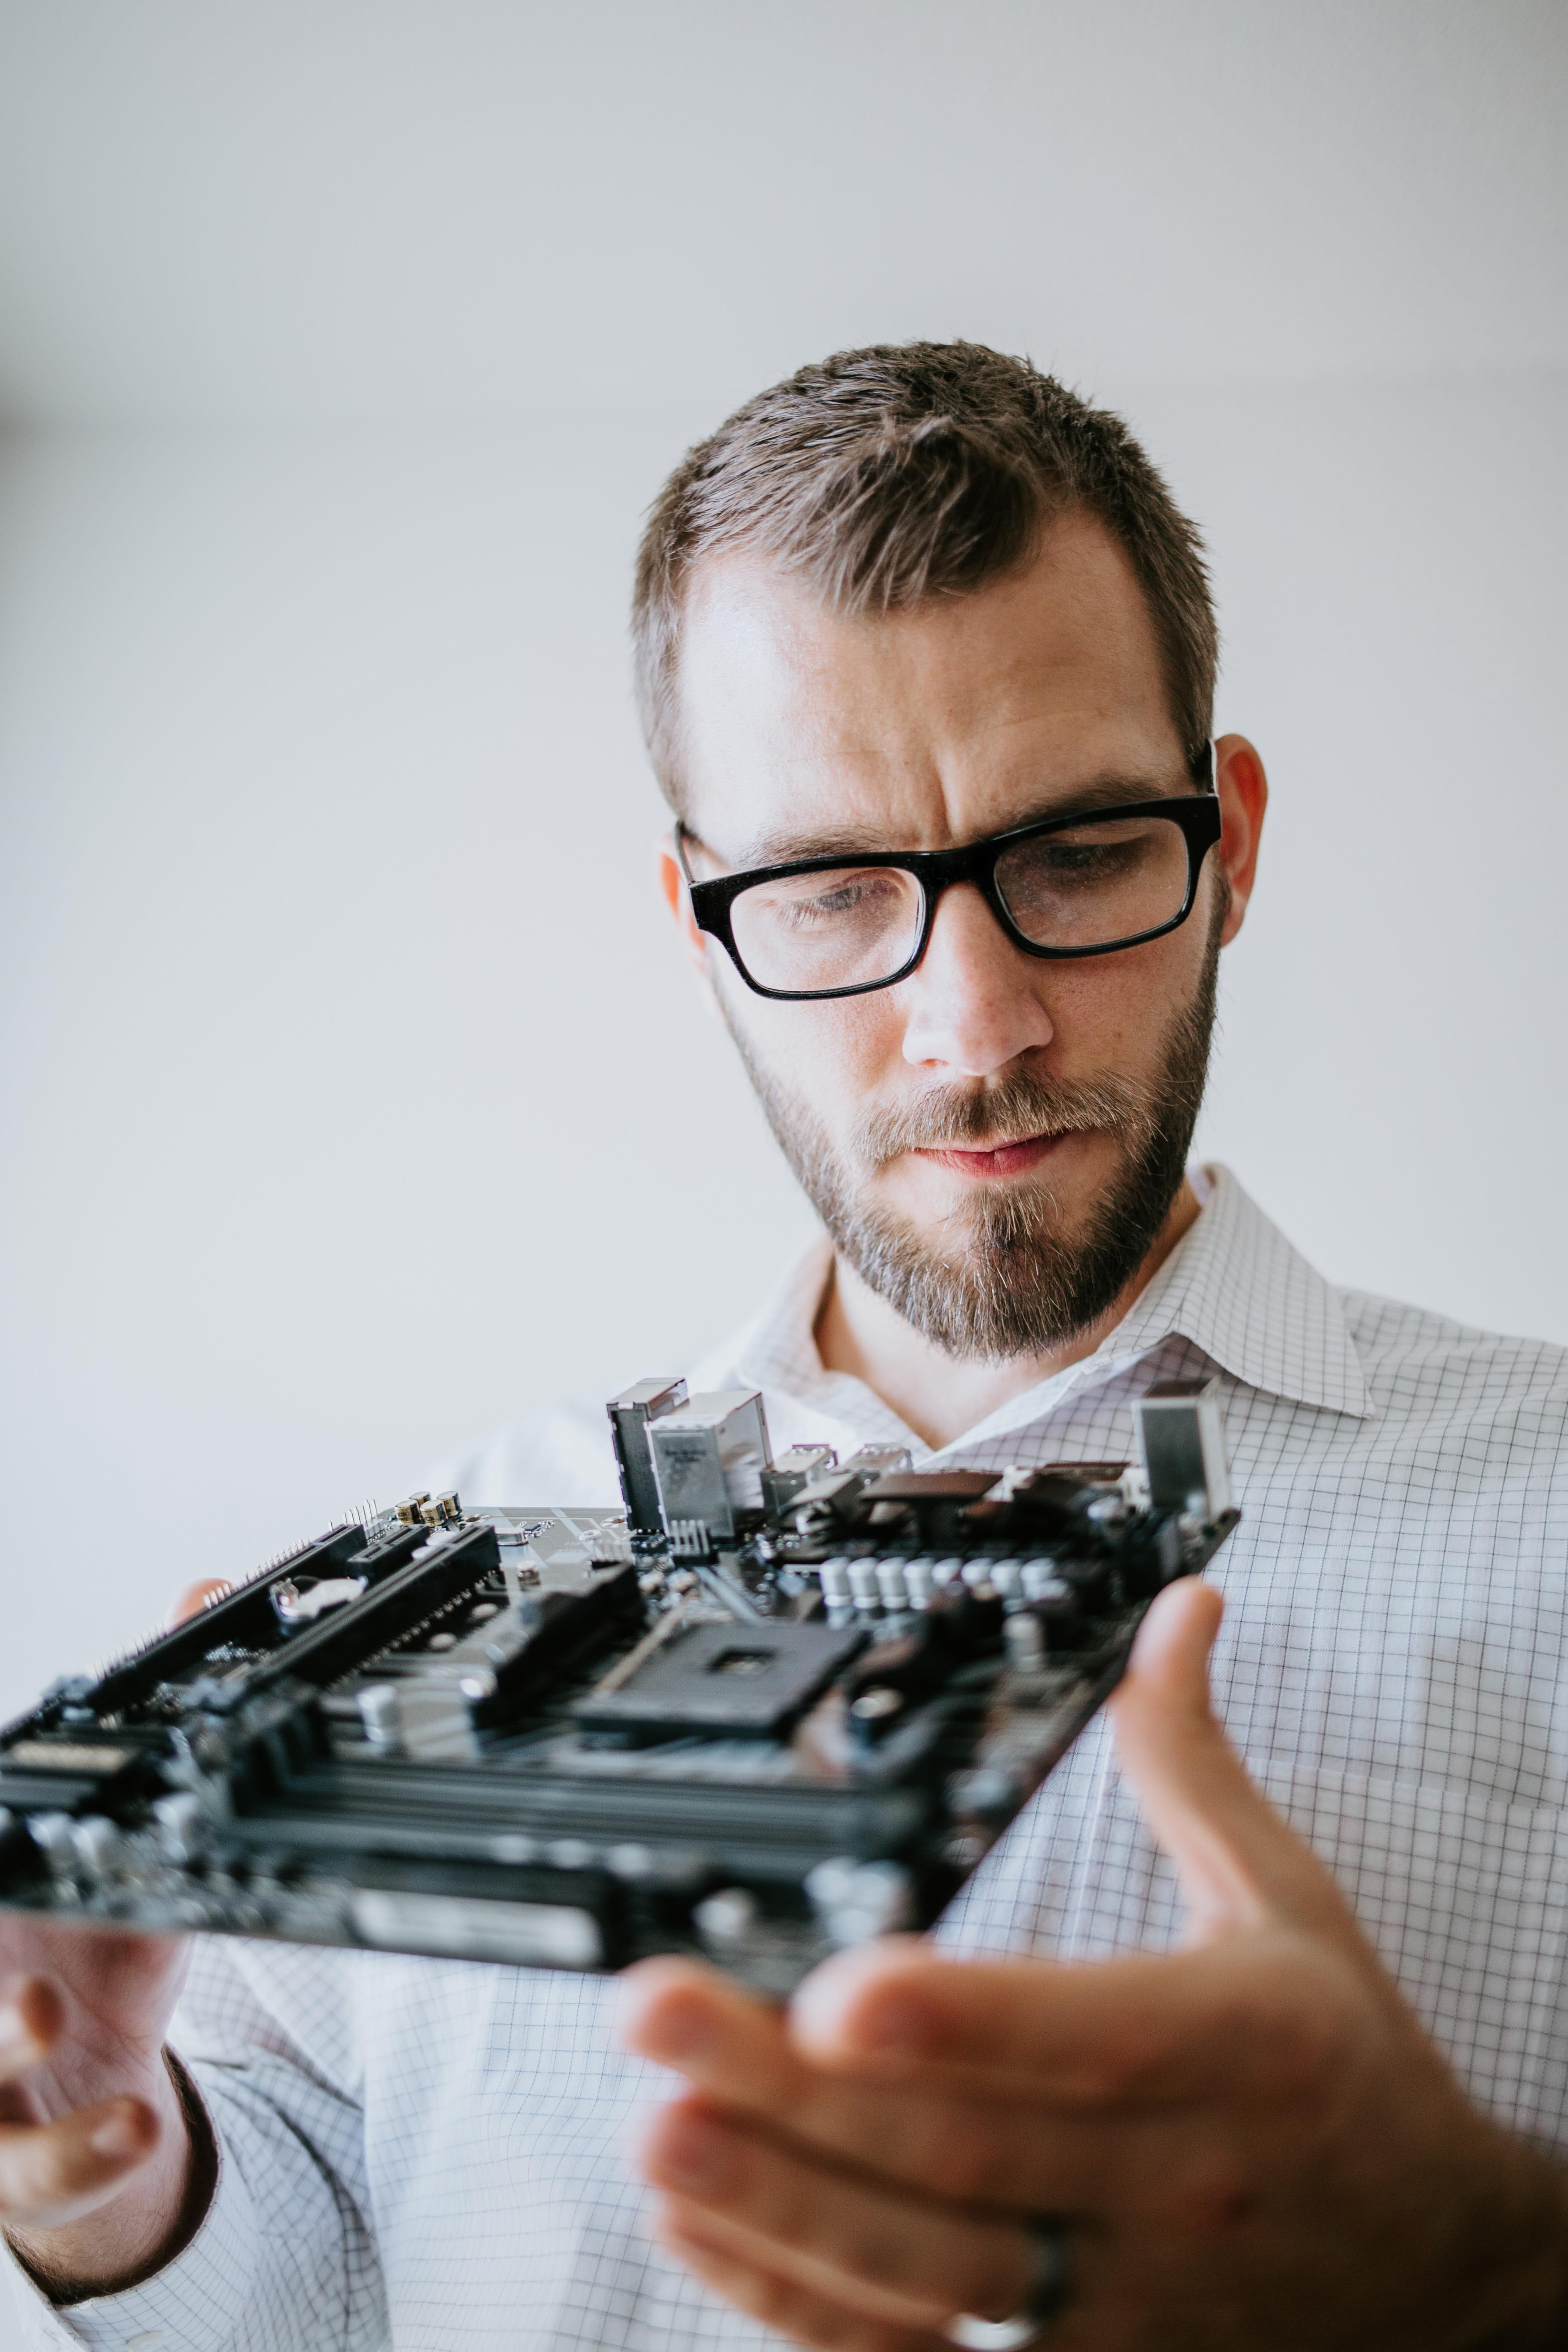 Computer Technician holding internal part of a desktop